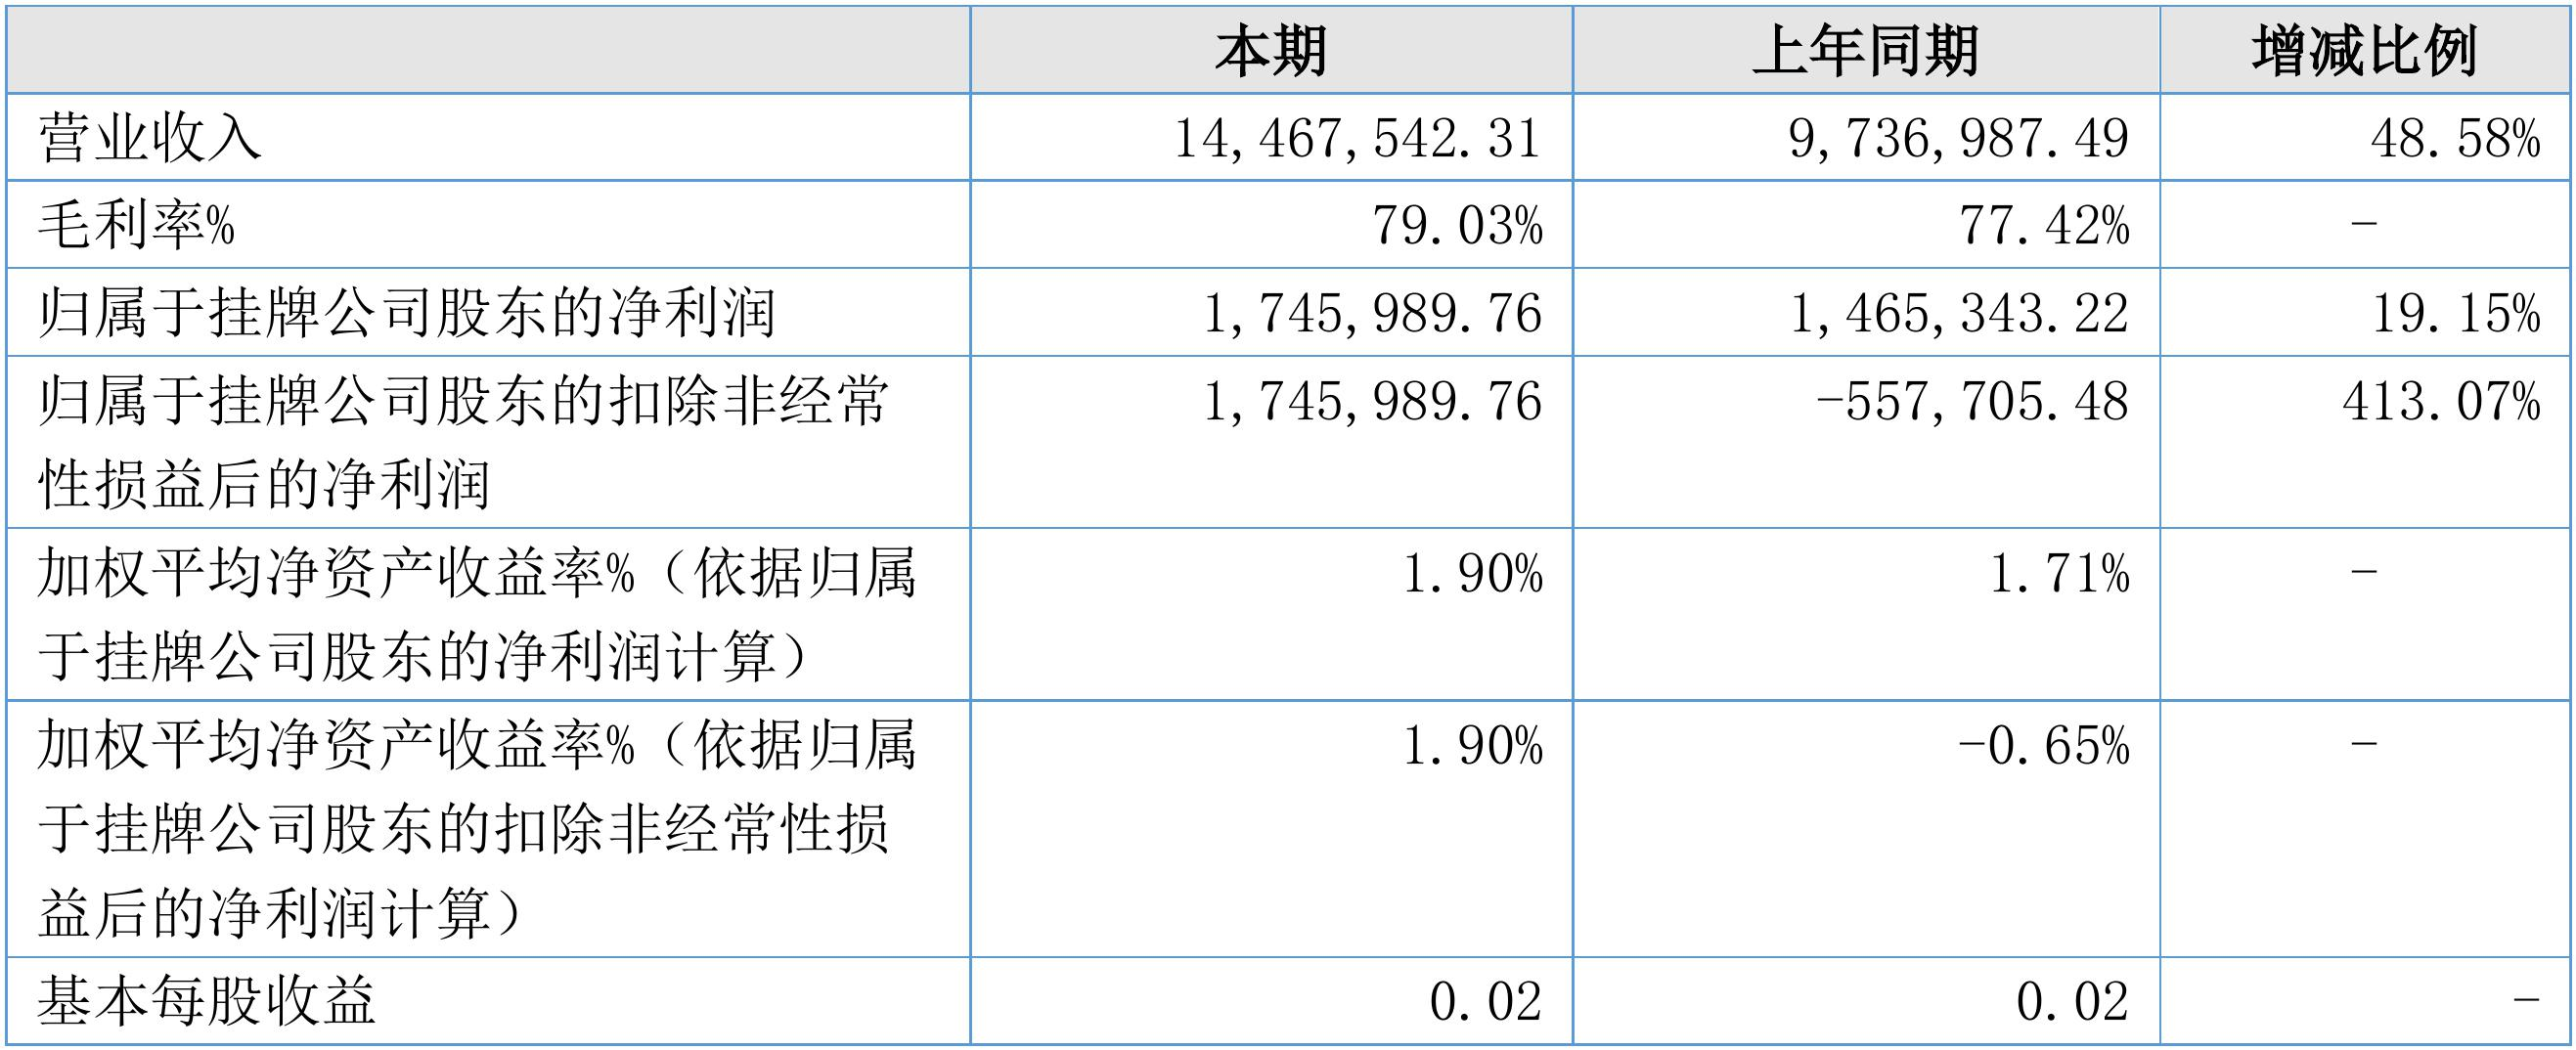 【财报季】十二年2019半年度财报: 营收1446.75万元,净利润174.60万元